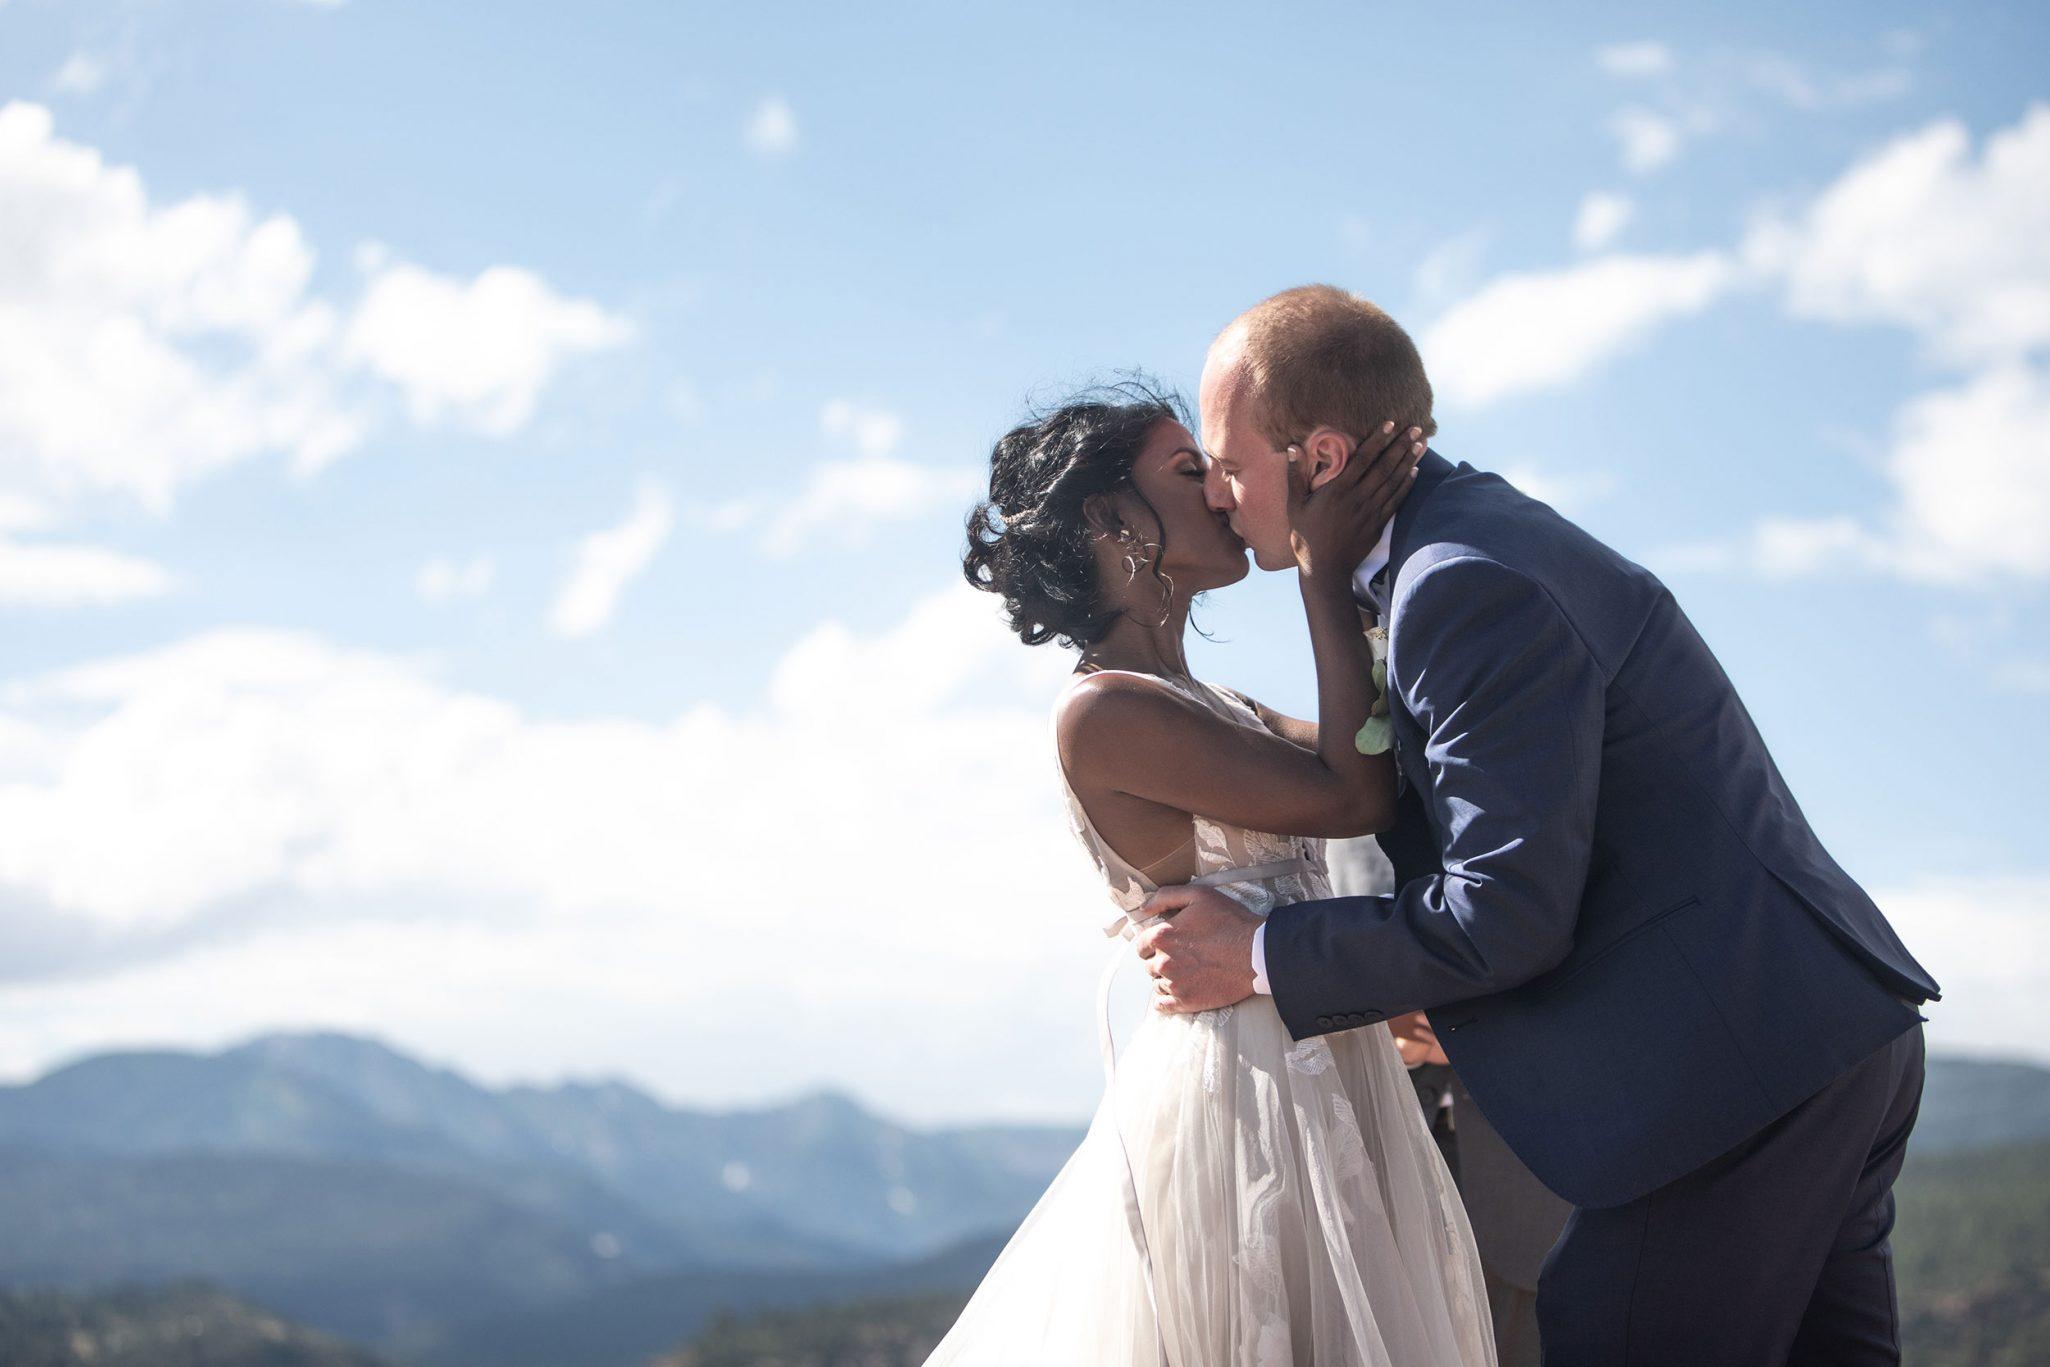 Wedding ceremony kiss in Durango, Colorado